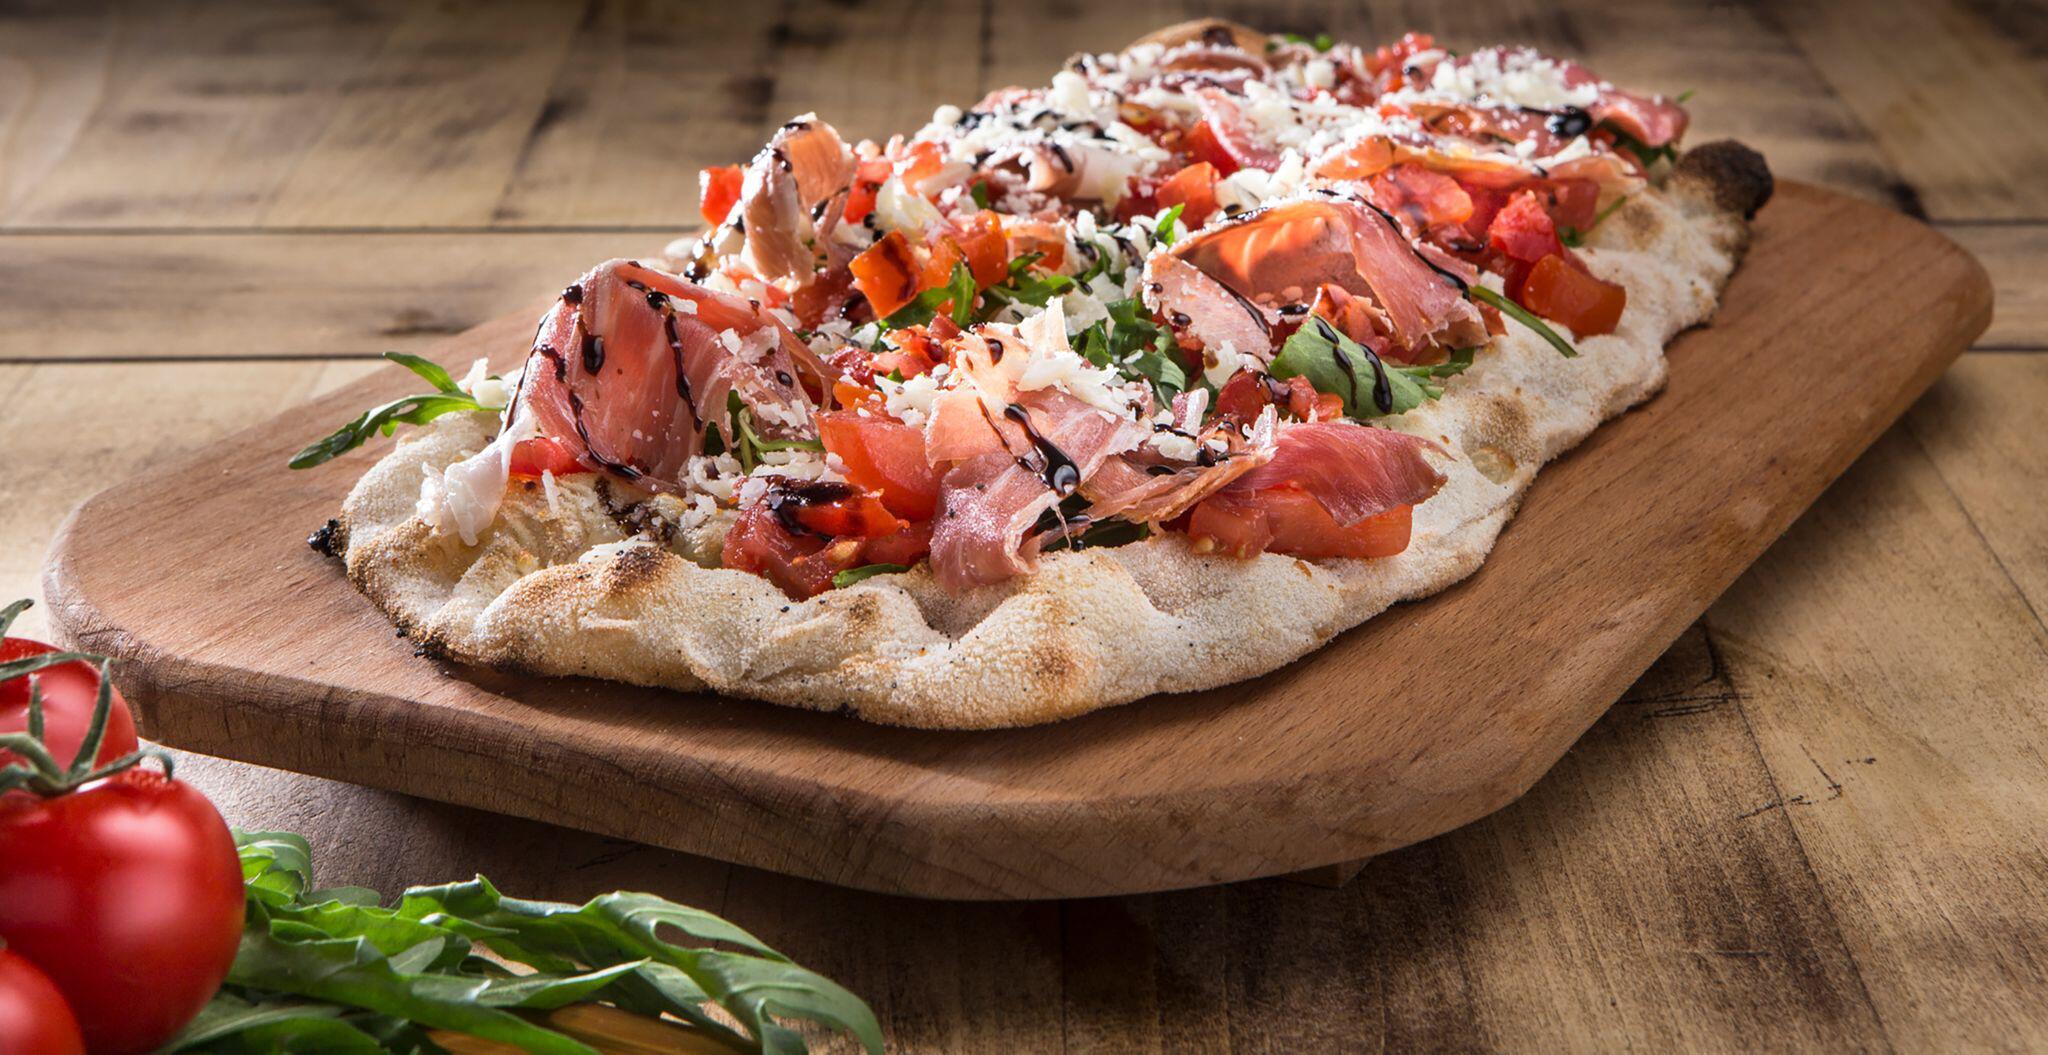 Bild zu Pinsa, Pizza, Unterschied